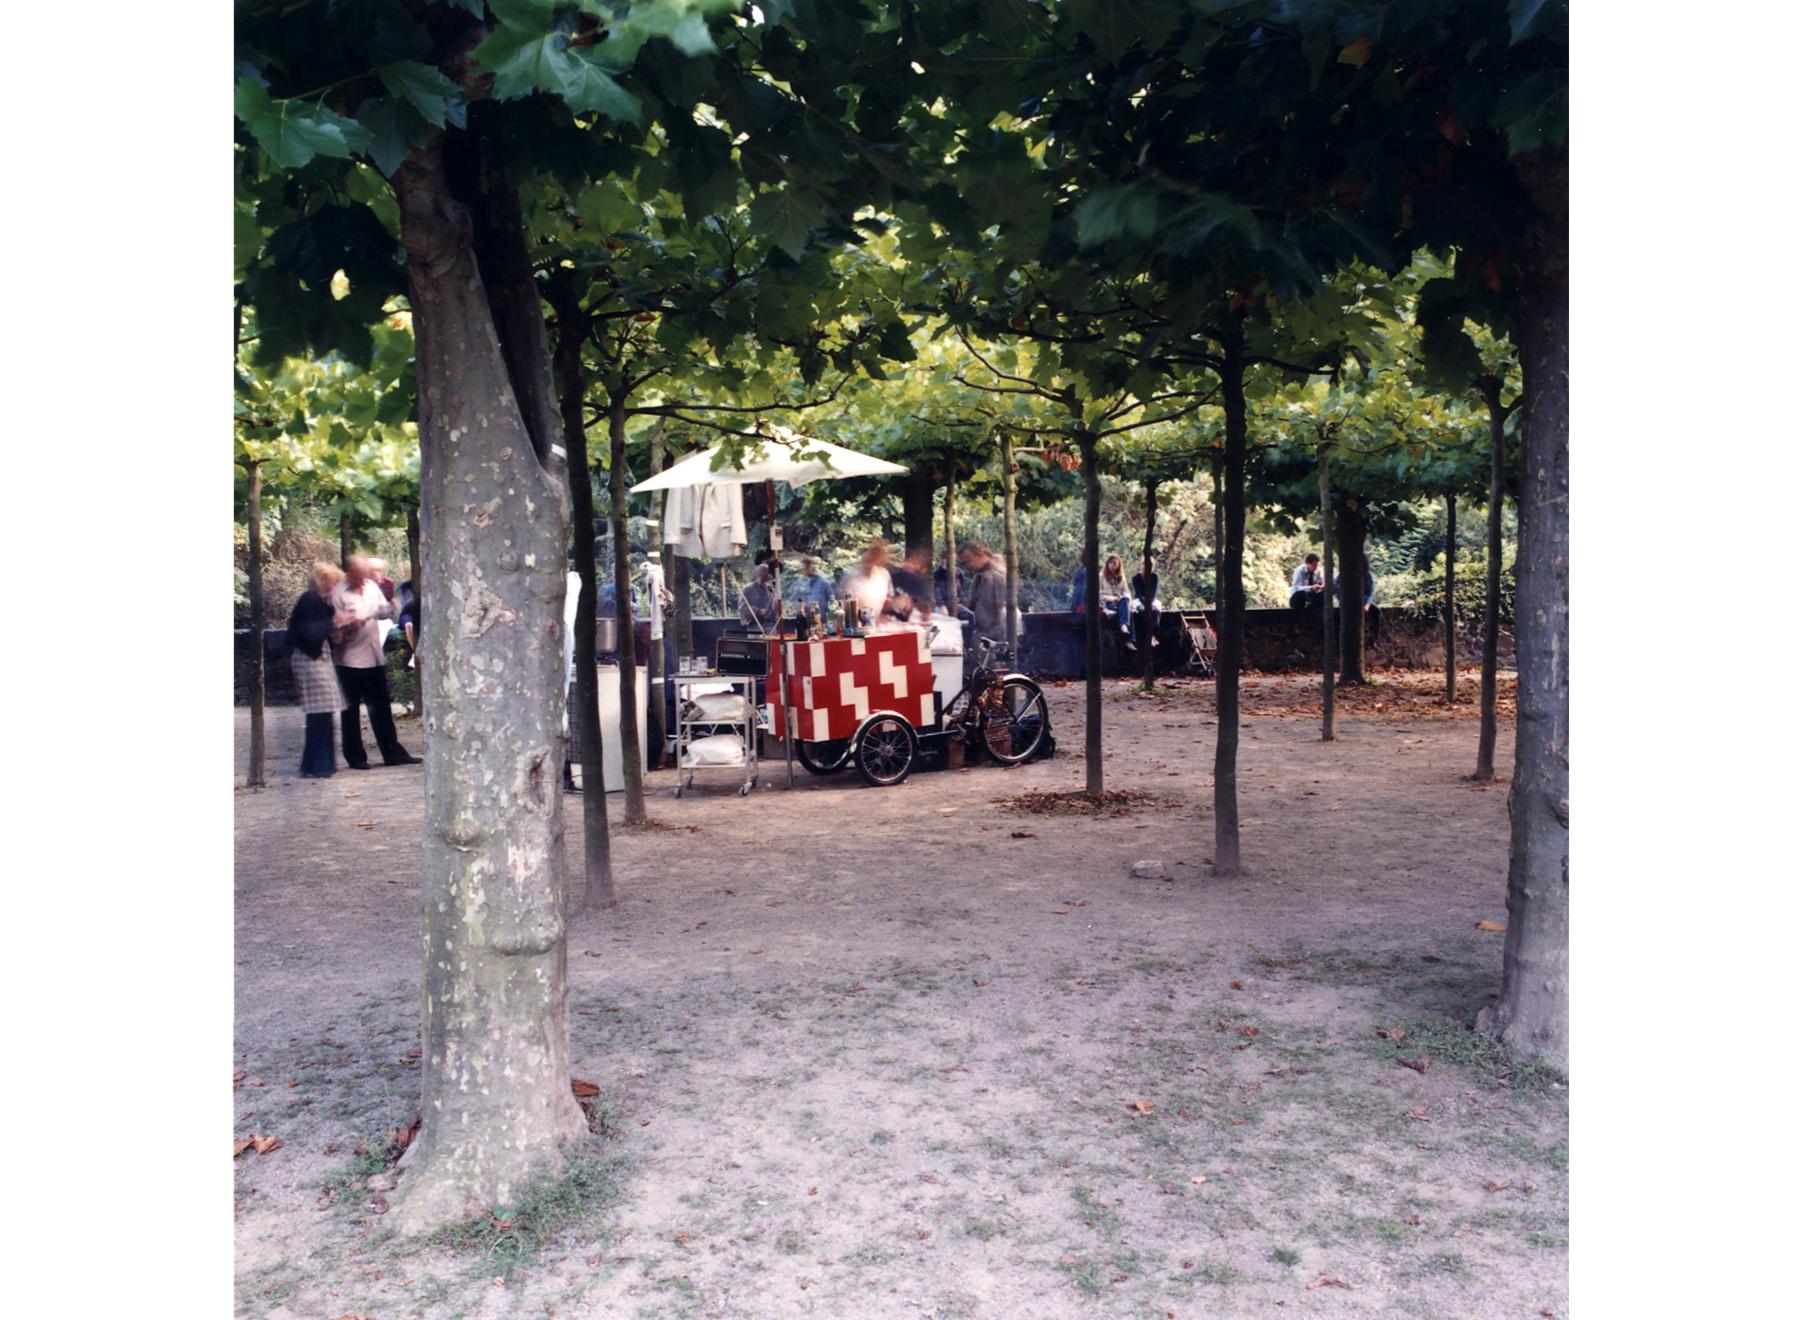 Friedenspark, photo: Alfred Jansen